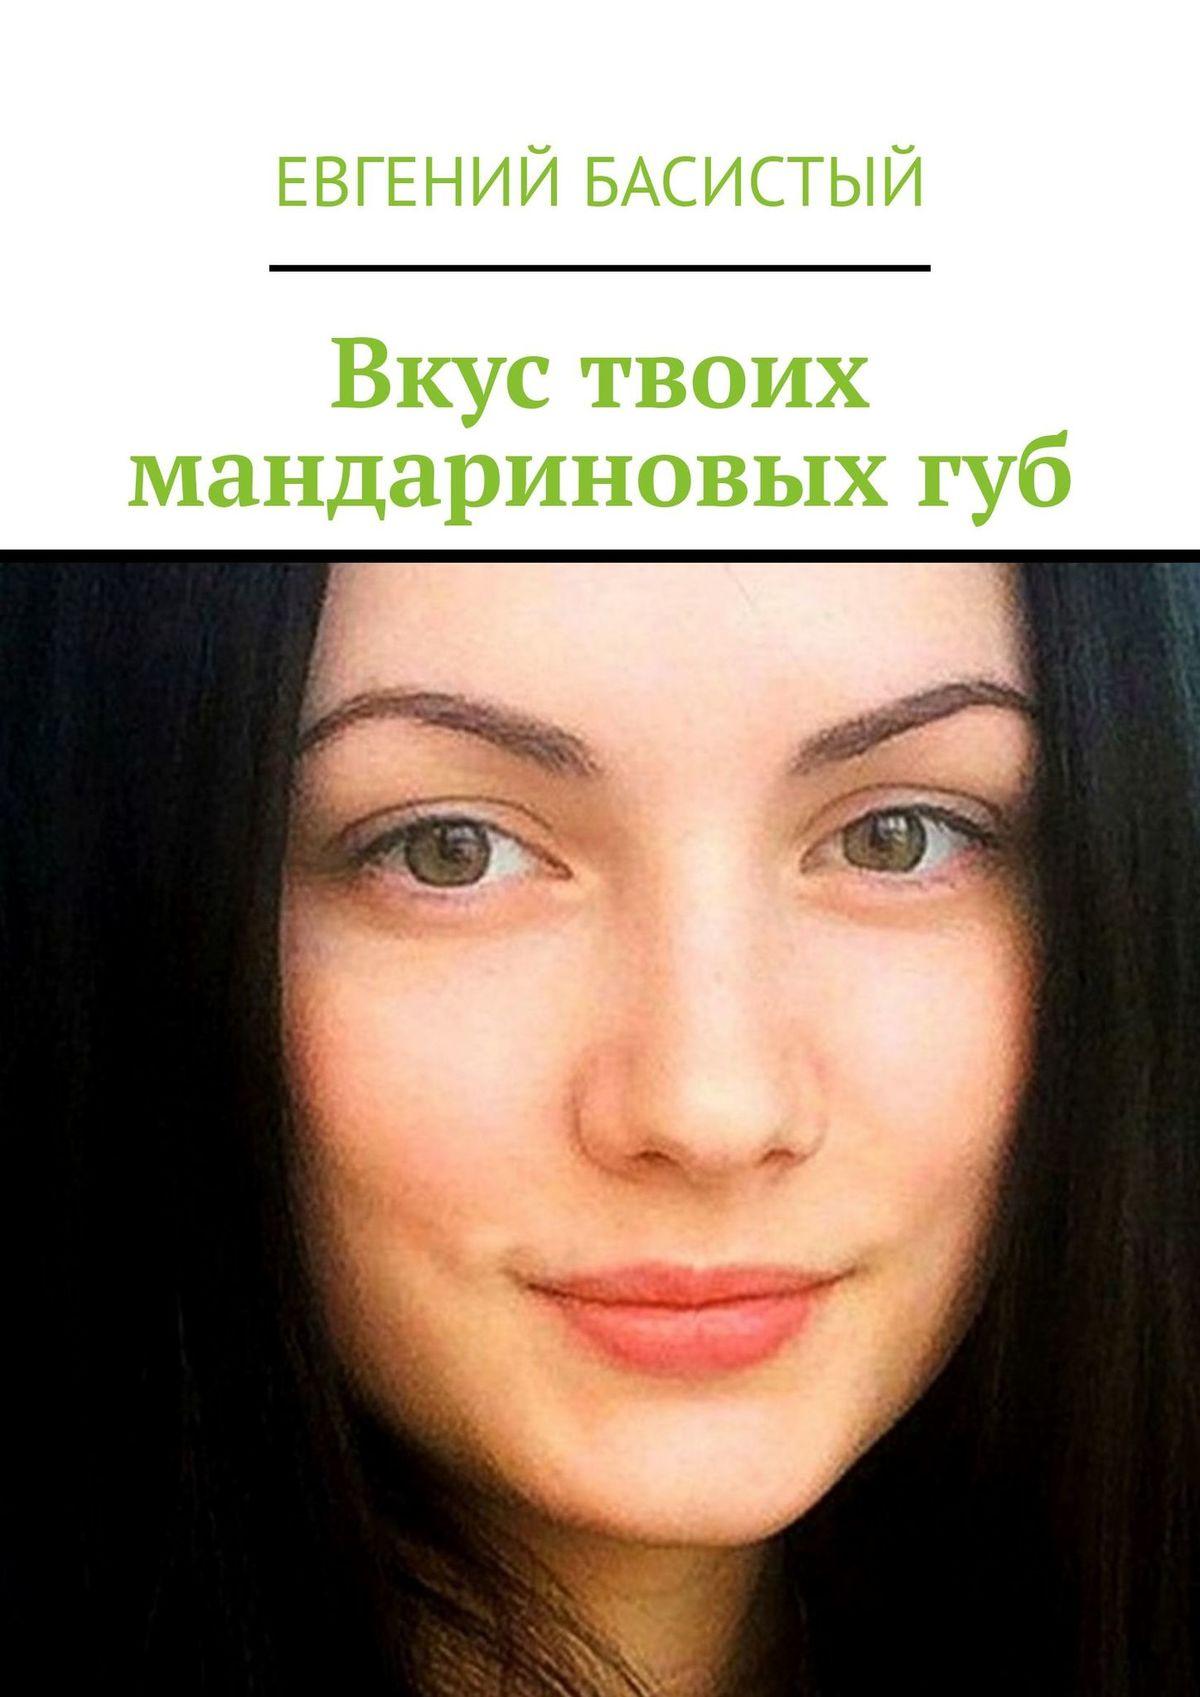 Евгений Басистый Вкус твоих мандариновыхгуб андрей михайлов последняя партия для твоих пальцев и моих нервов